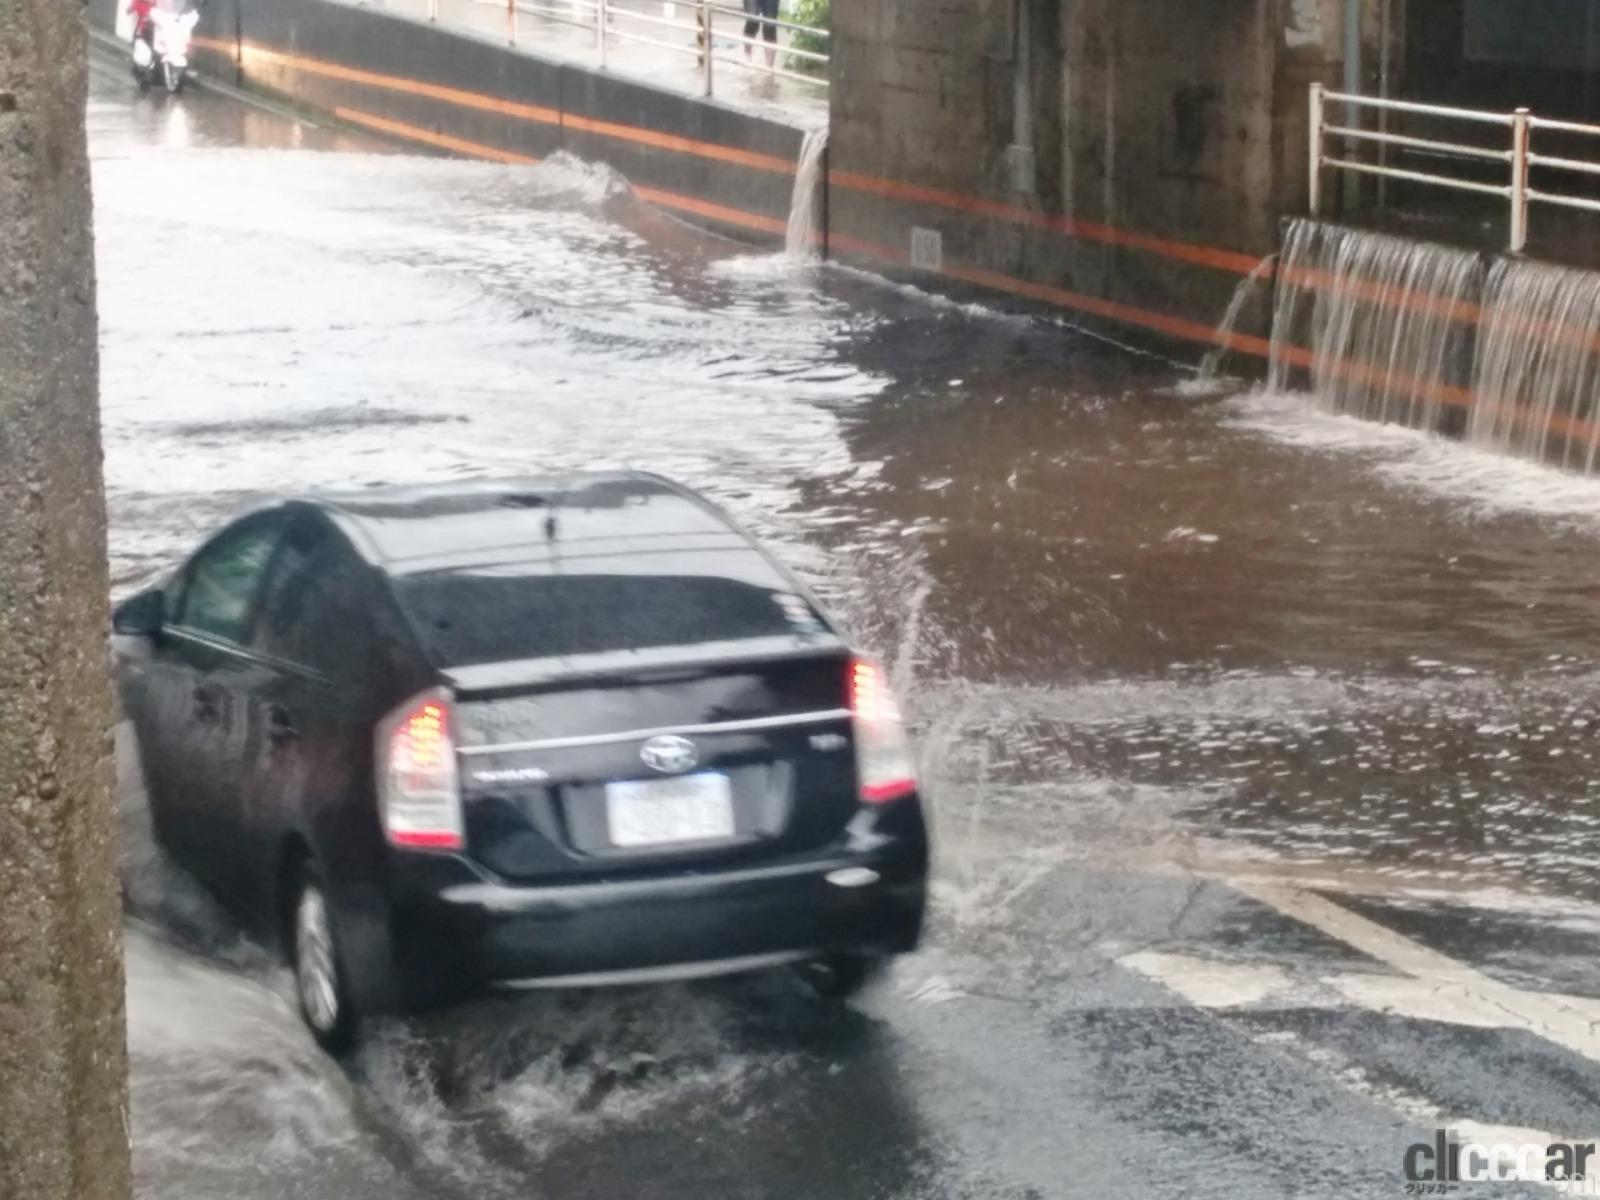 「ゲリラ豪雨(局地的大雨)でクルマが水没した損害は自動車保険・車両保険で補償されるか? 調べてみた!」の1枚目の画像